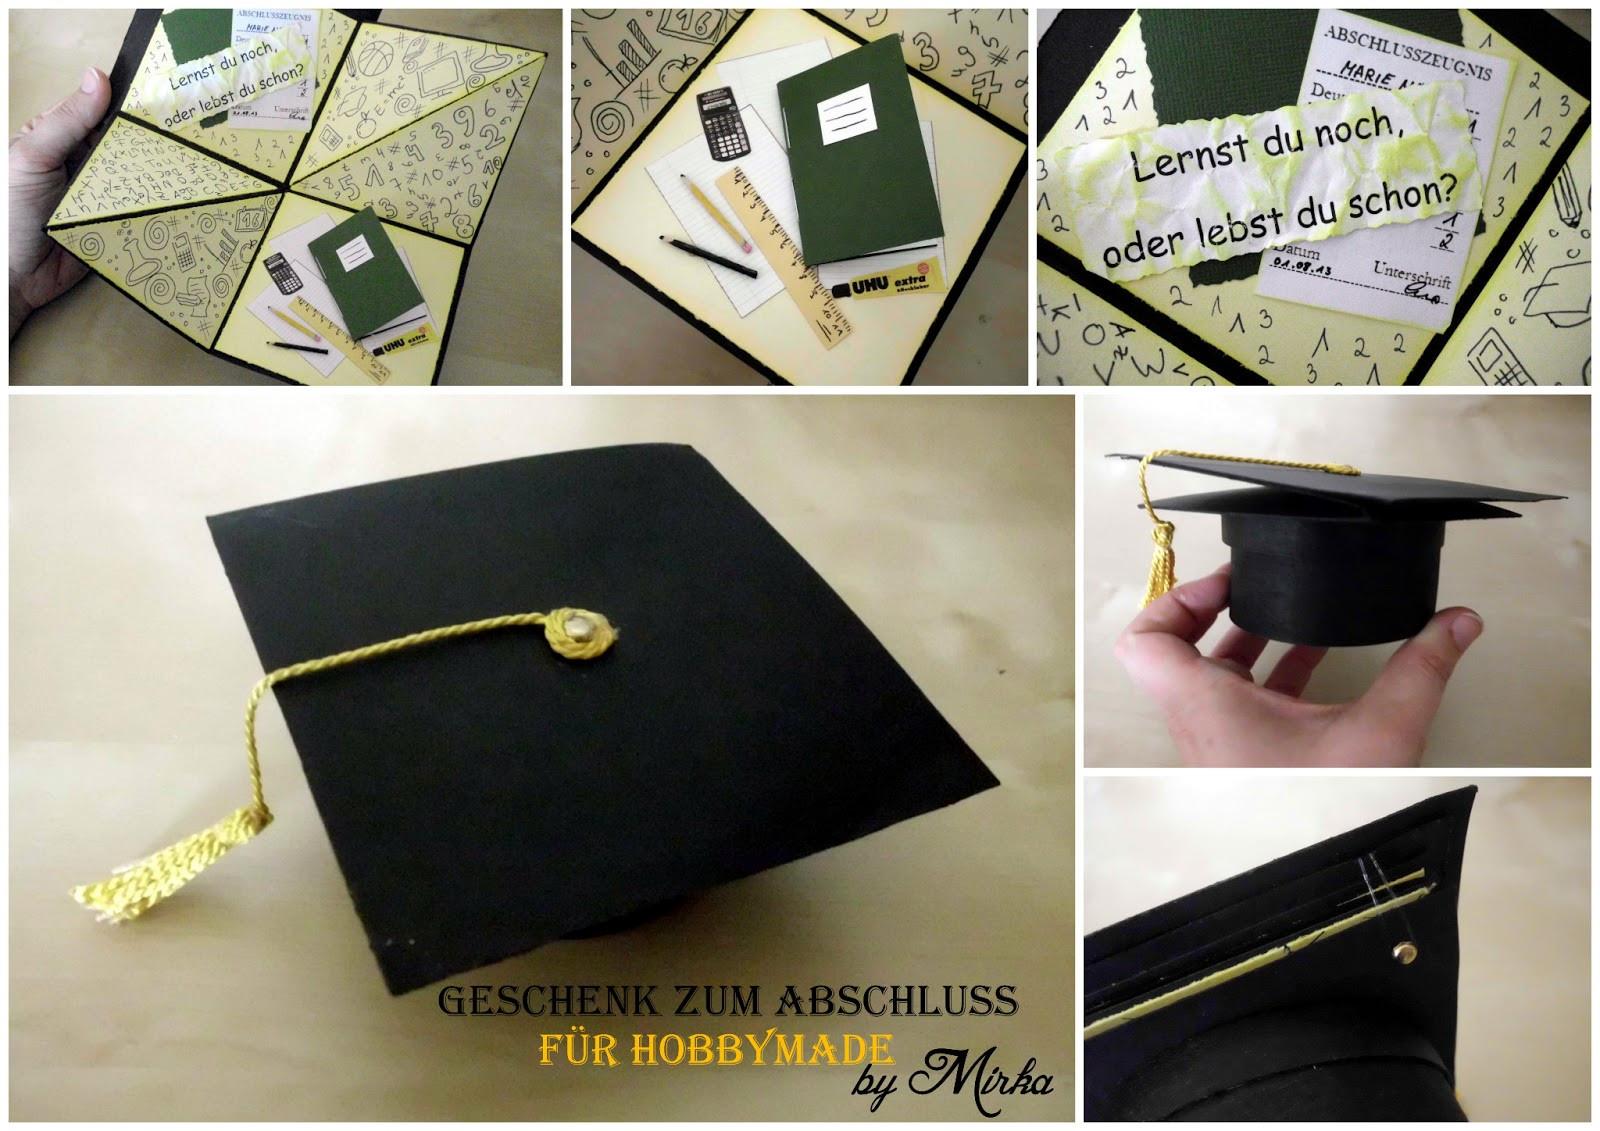 Geschenke Zum Abschluss  Crafts by Mirka Geschenk zum Abschluss